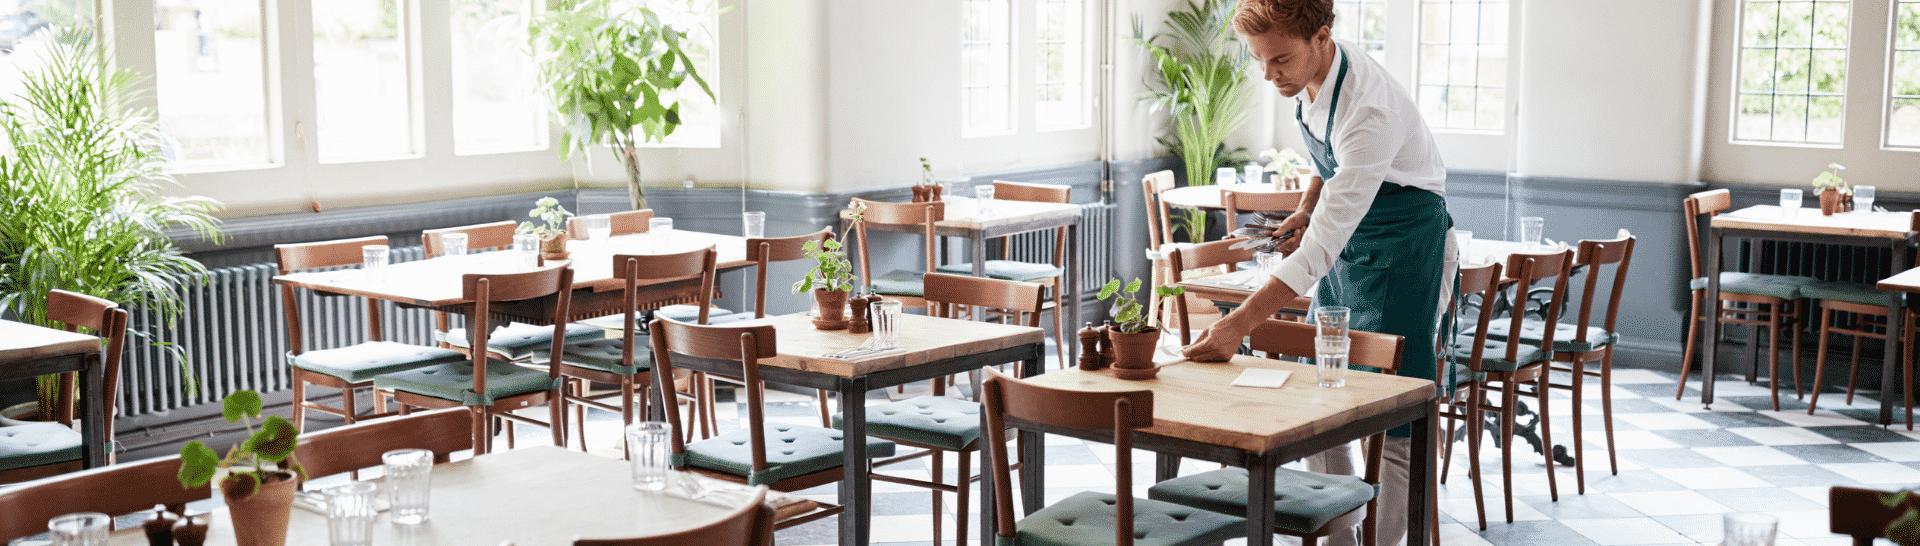 Minimiza Los Riesgos De Ir A Tu Restaurante Favorito